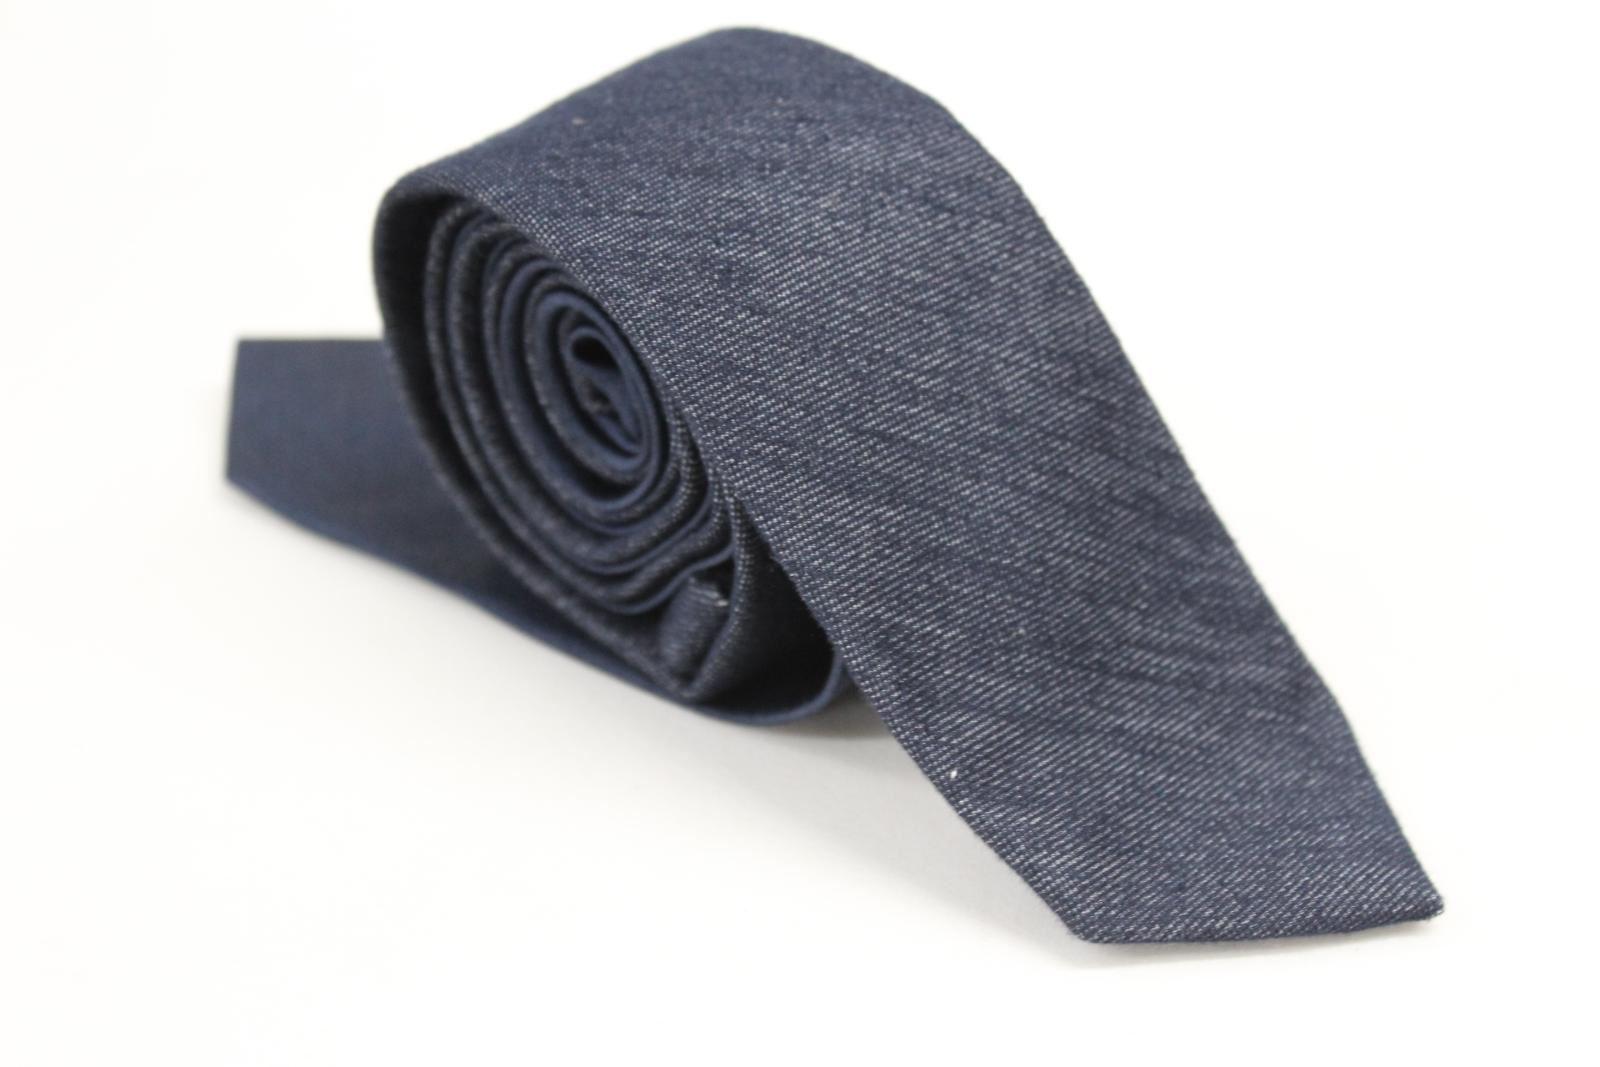 Affidabile Da Uomo Cravatta Navy Blue 2 Pollici Skinny Larghezza 59 Cm Di Lunghezza Di Seta E Cotone- Ad Ogni Costo